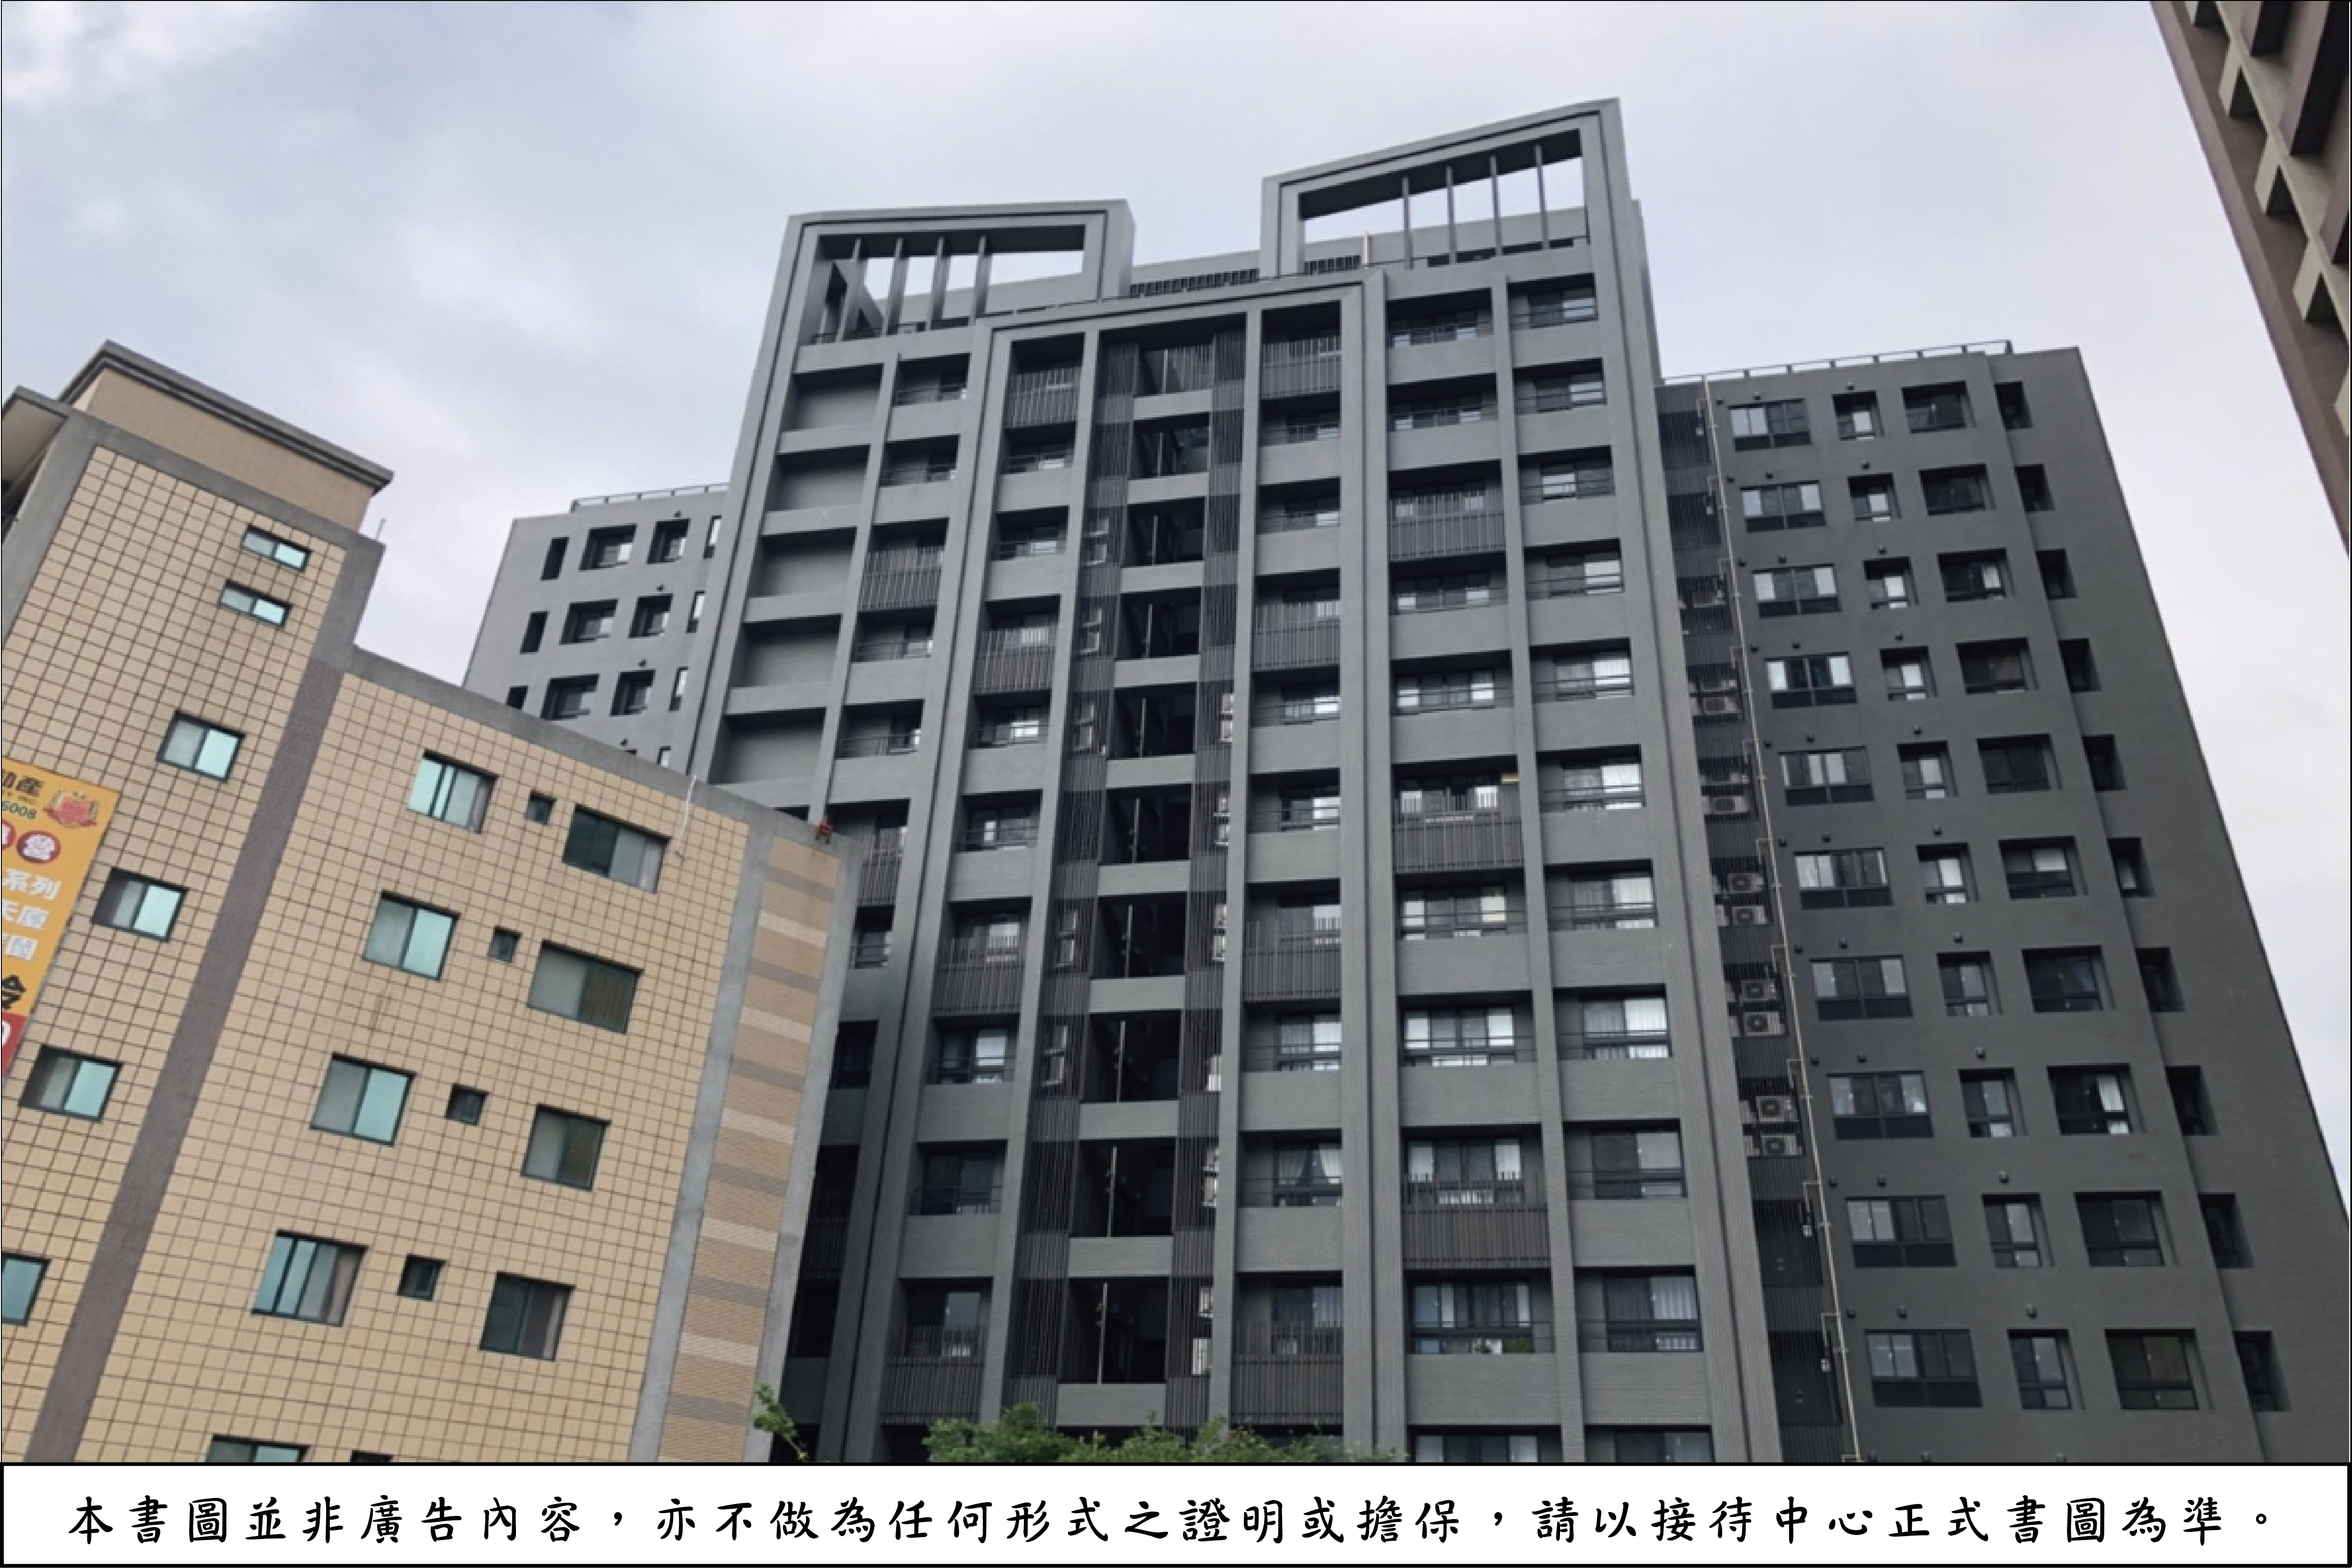 [竹東自強]喬立建設-三號公寓20180516-01.png